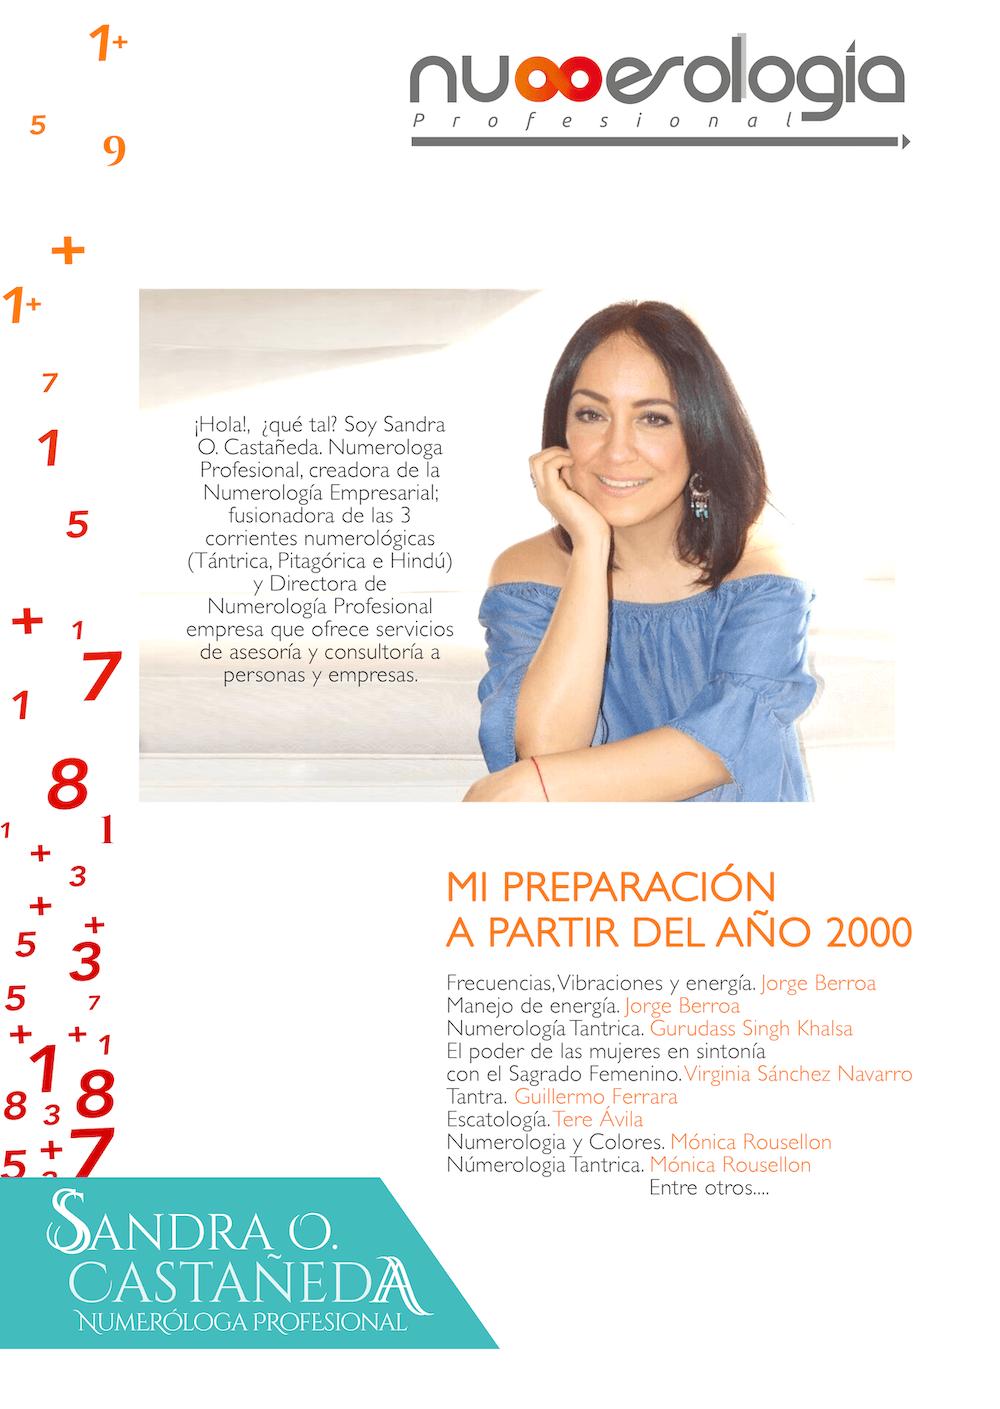 Sandra Castañeda